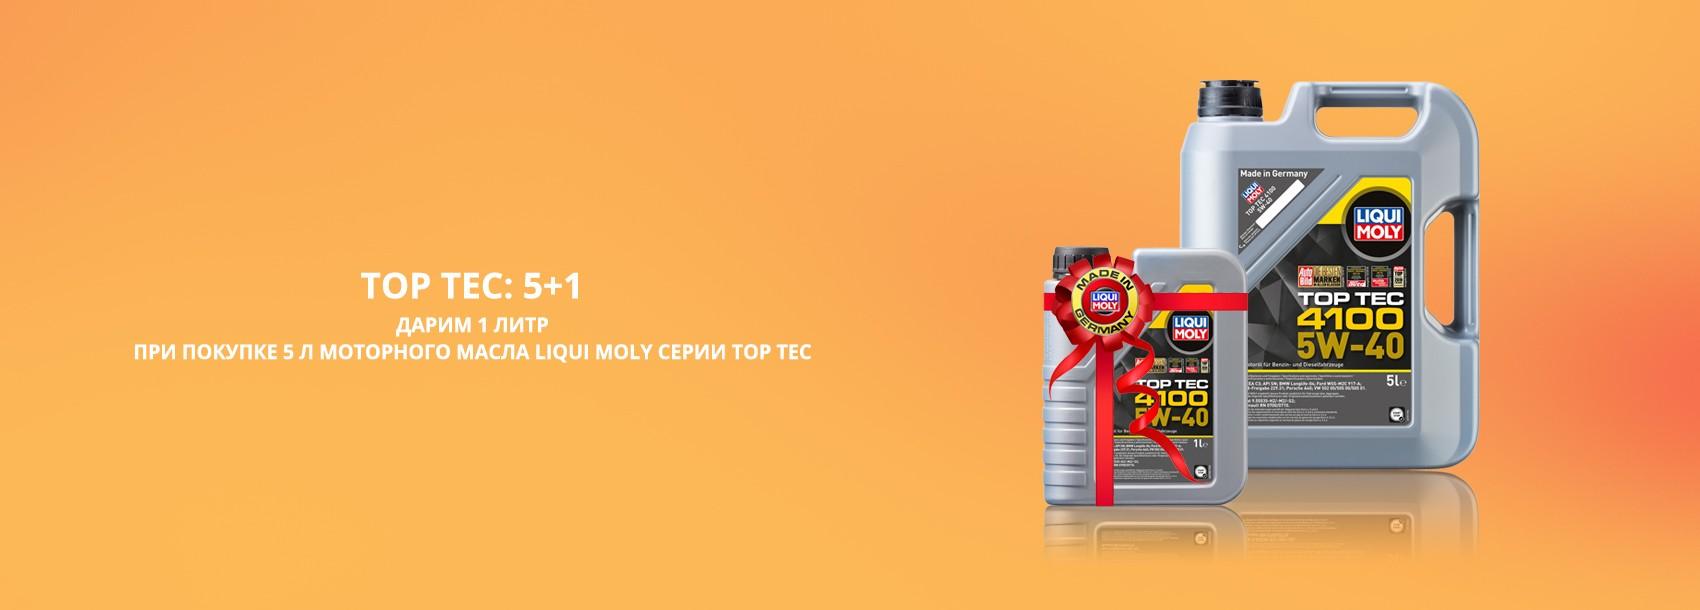 TOP TEC: 5+1